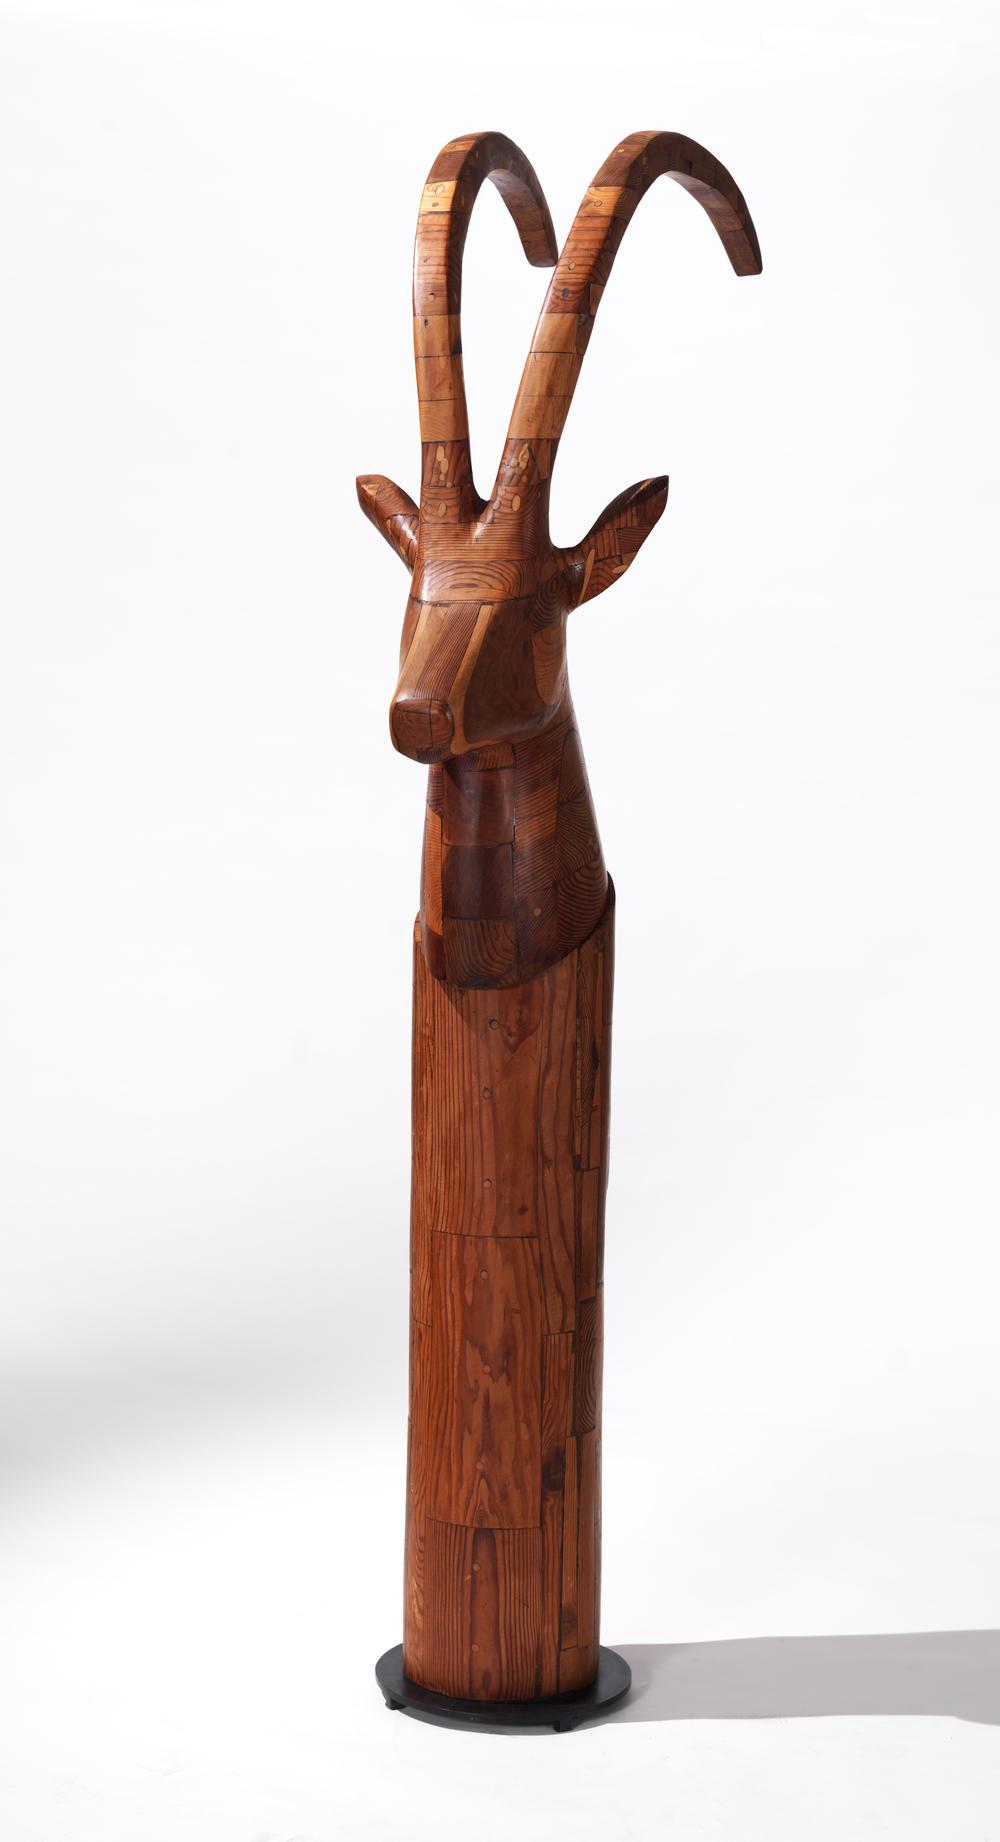 Black Sable Antelope